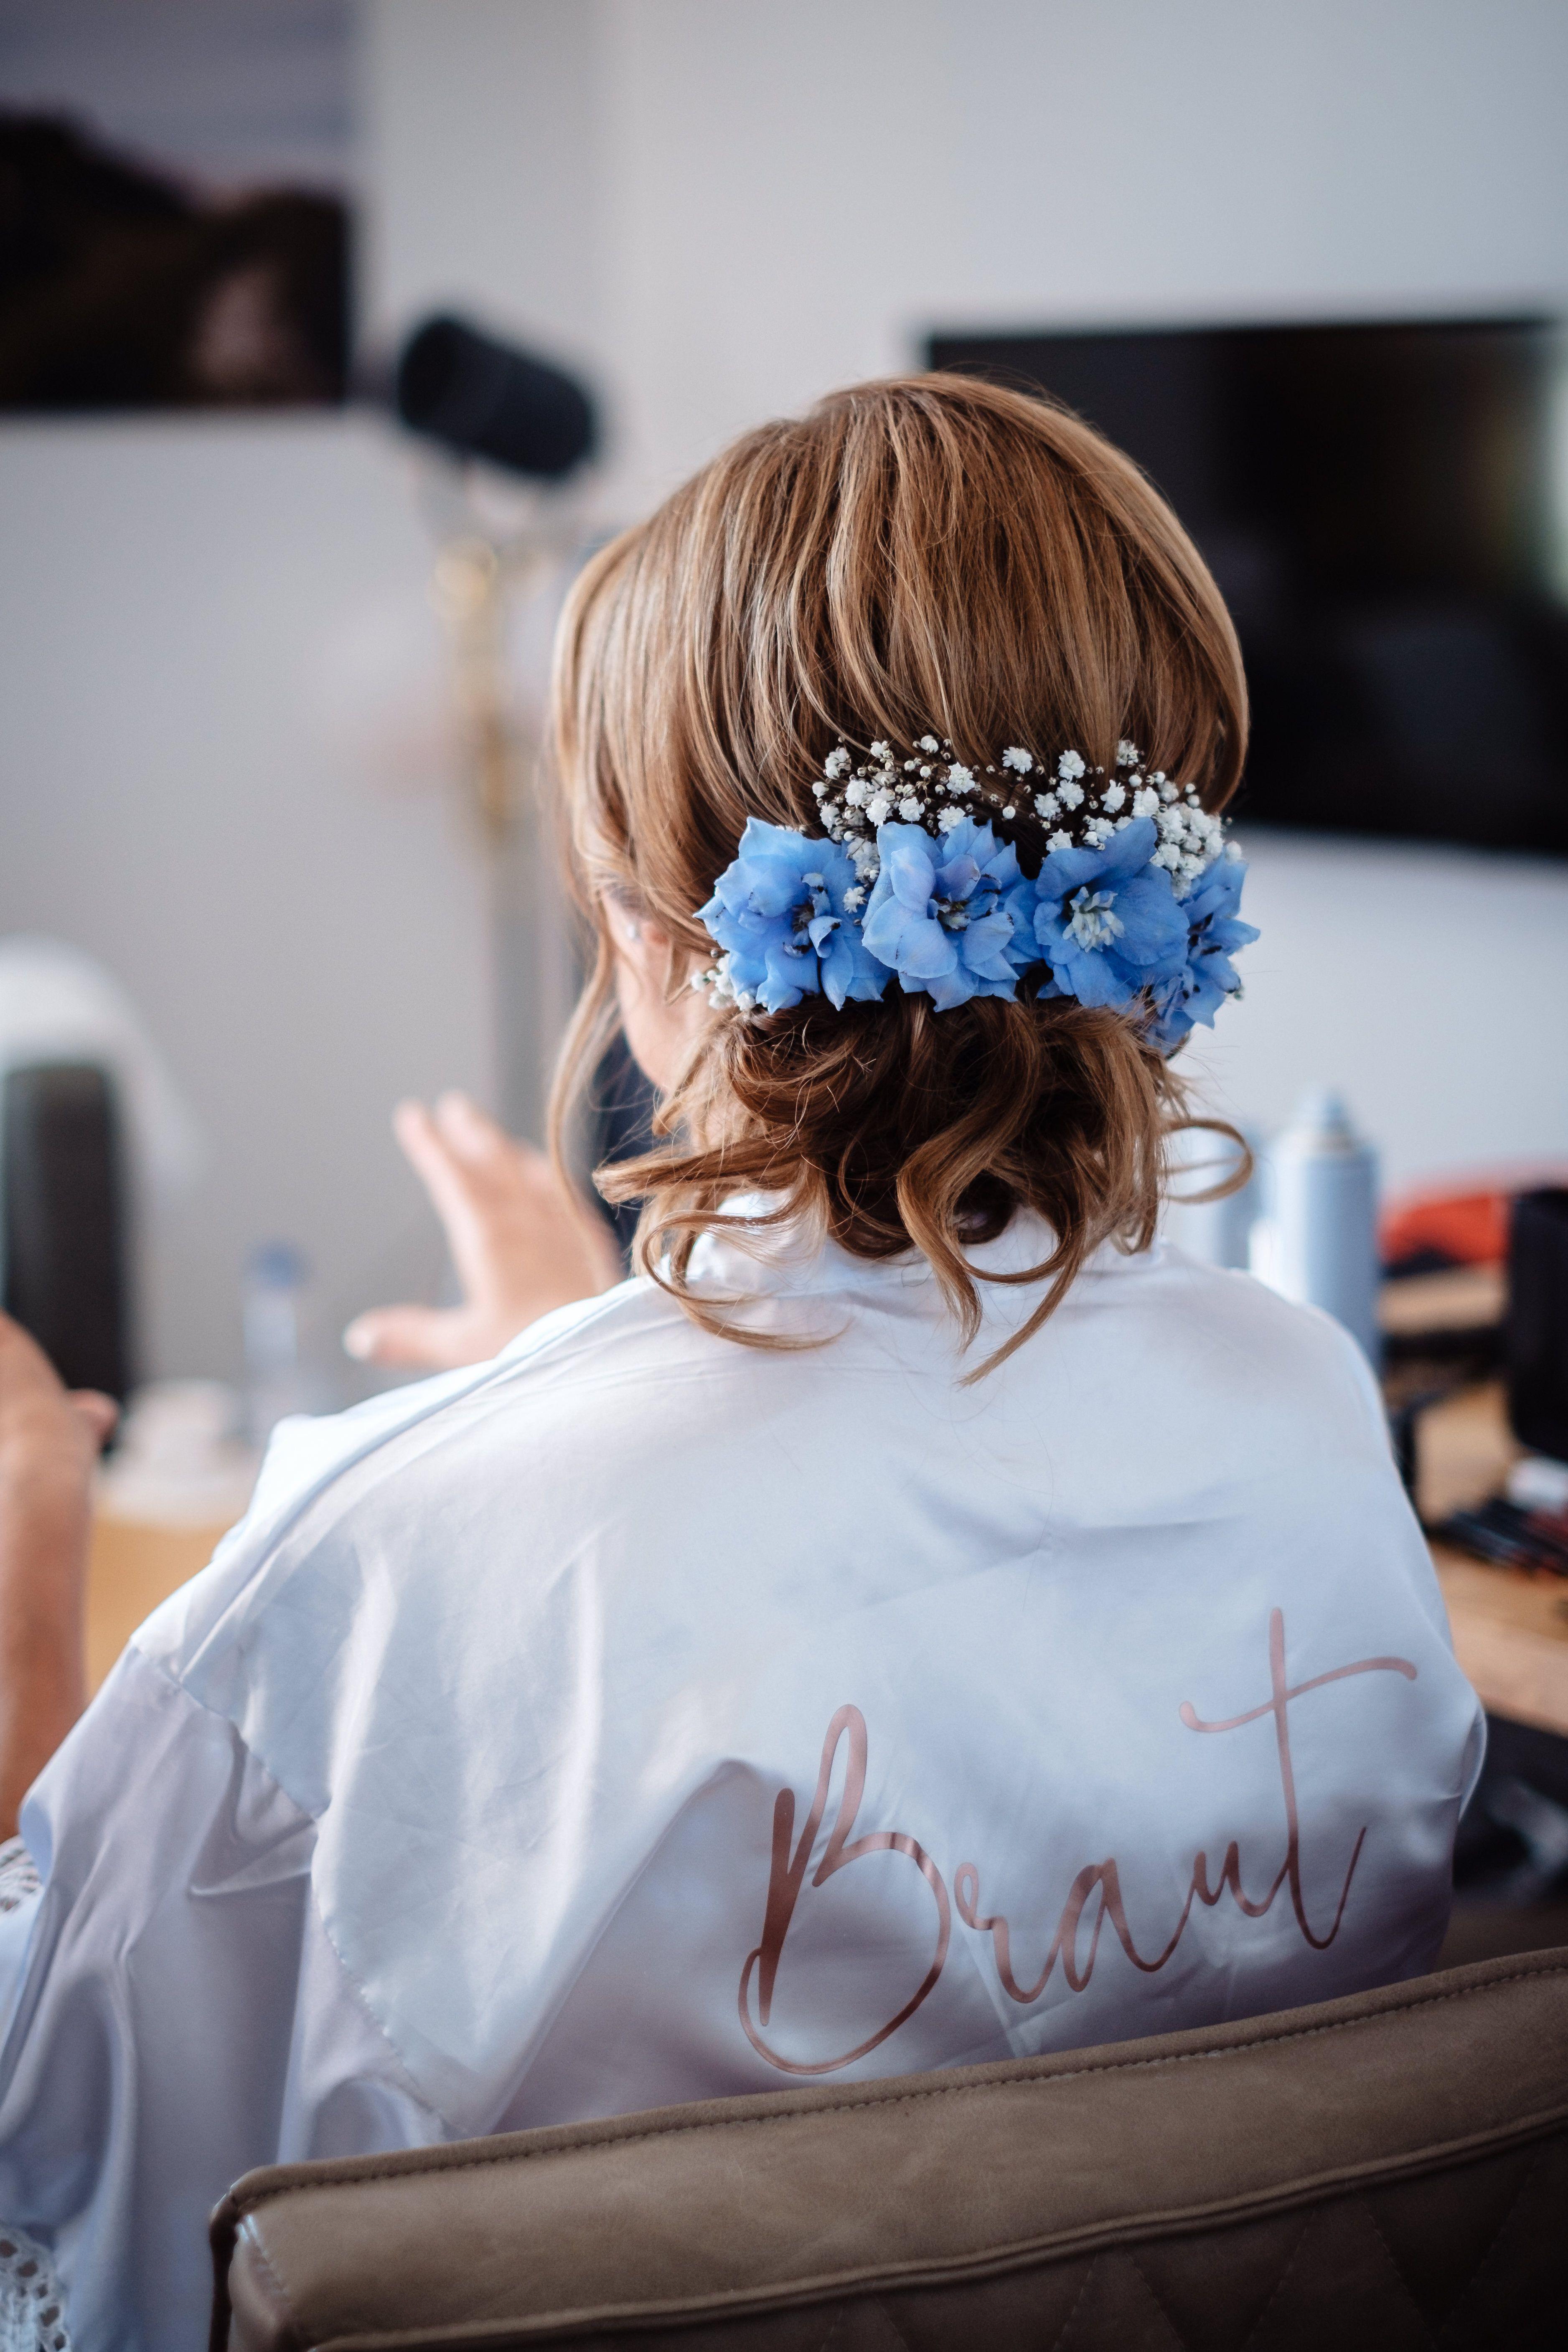 Brautfrisur Hochgesteckt Mit Frischen Blumen In Blau Brautfrisur Frisur Hochzeit Brautfrisuren Mit Schleier